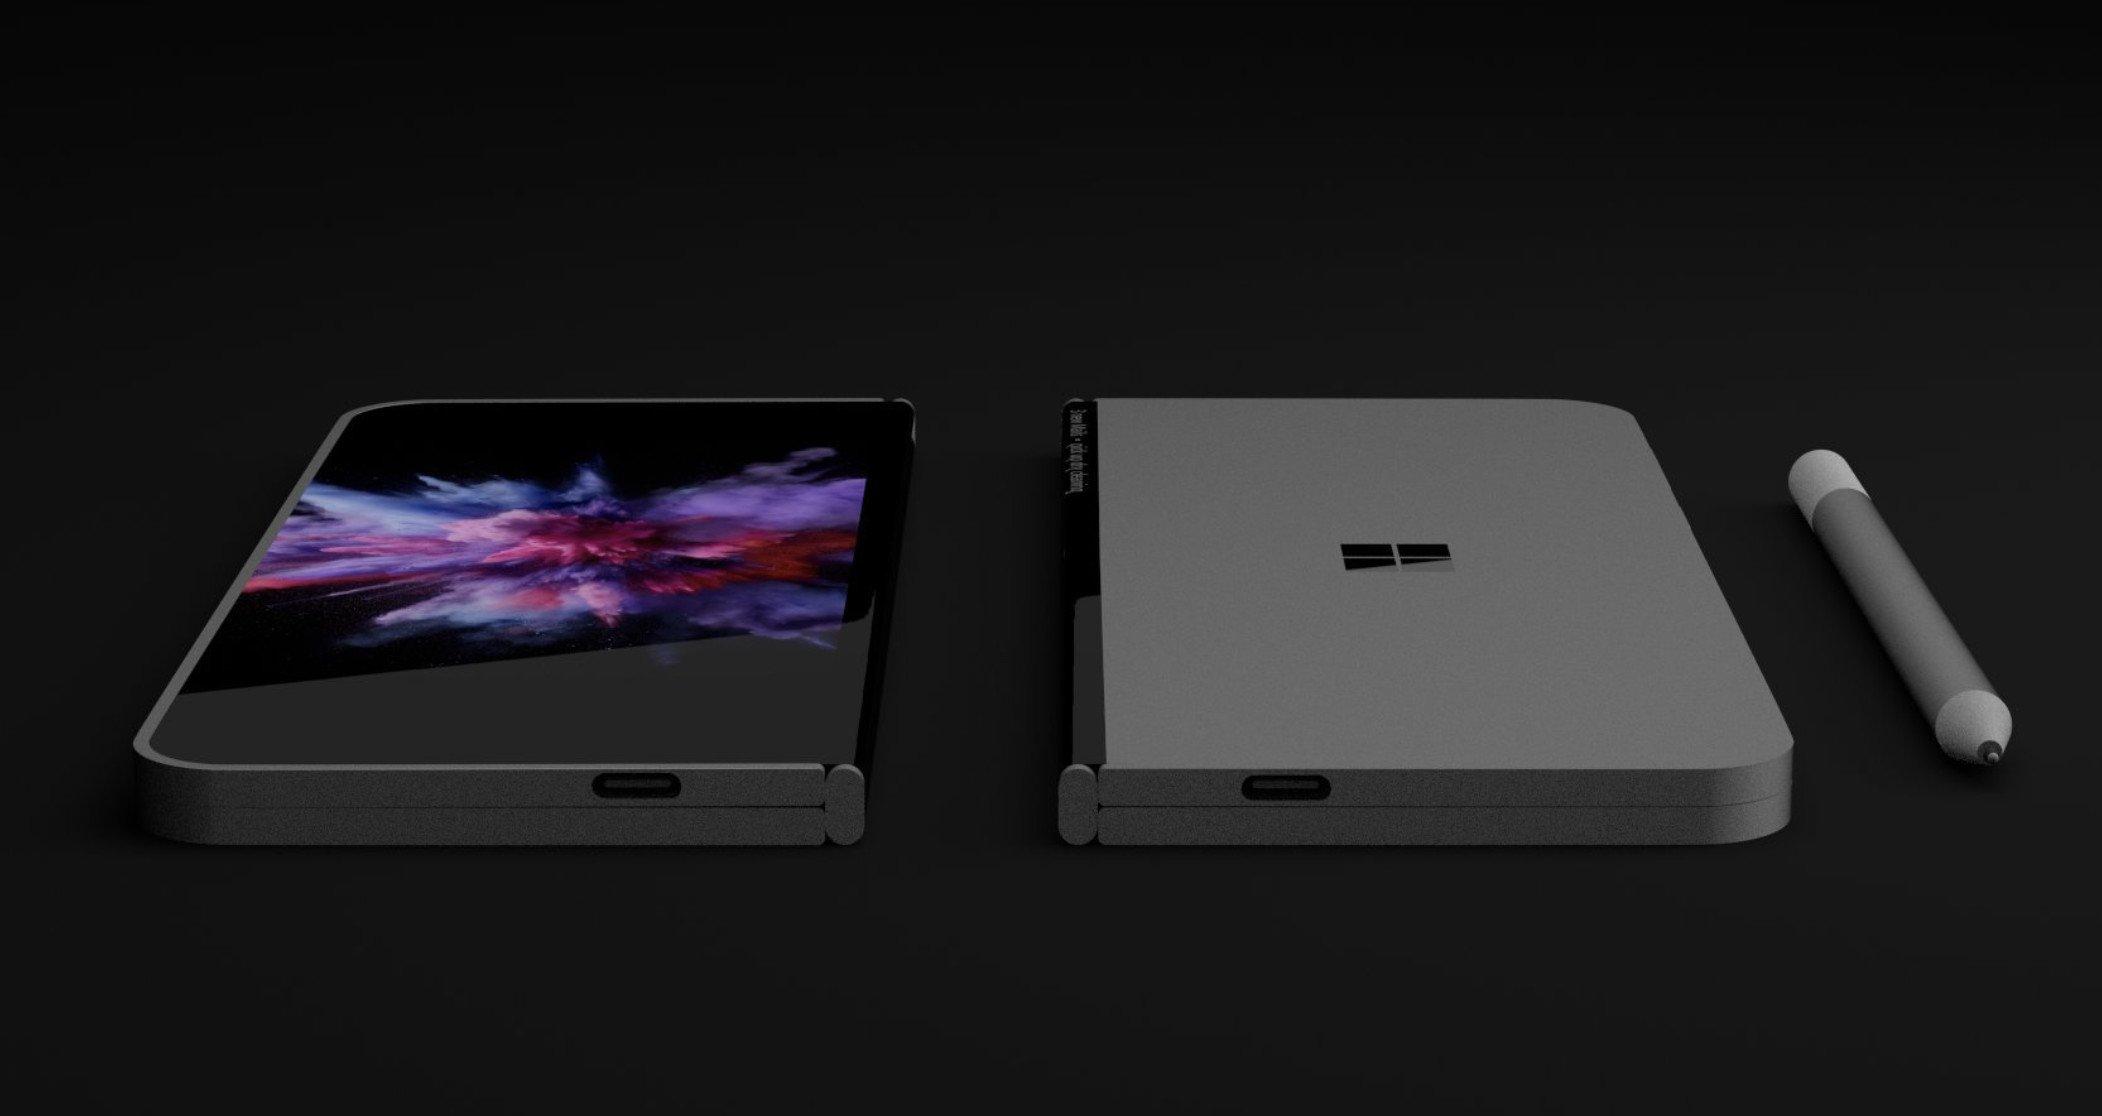 Katlanan Cihazların Windows 10 Yapısı Göründü